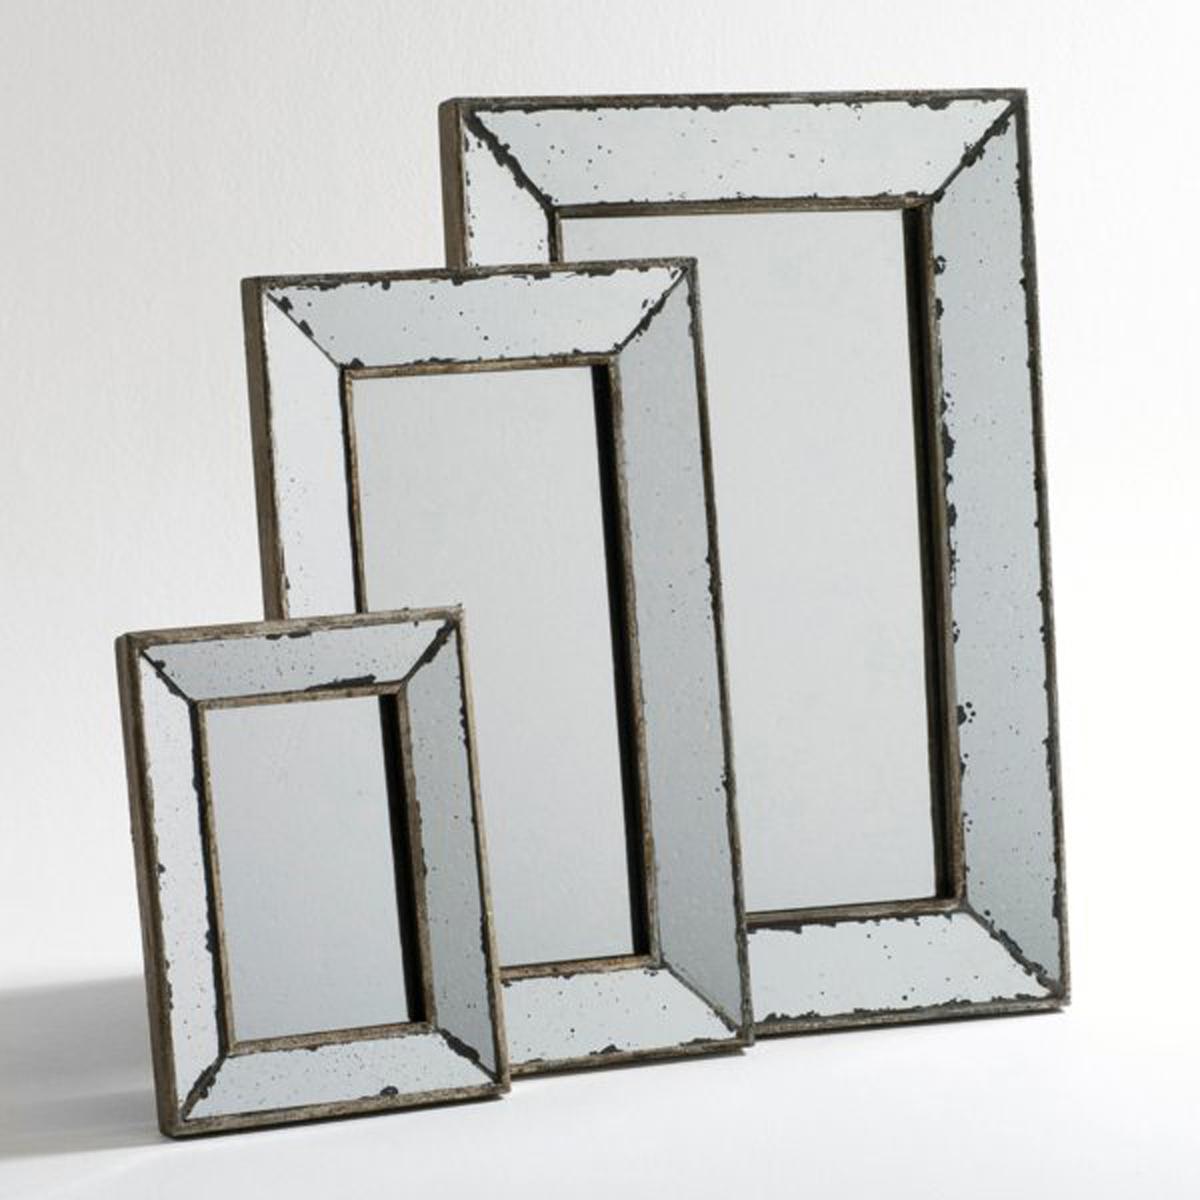 Зеркало в ретро-стиле, большая модель Д41 x В61 см, EdwinЗеркало, большая модель Edwin. Словно покрытое патиной былых времен, это зеркало с симпатичной отделкой под старину представлено в 3 размерах, вы можете сочетать их для большей оригинальности. Найдите другие размеры на нашем сайте.Размеры  :Ш.41 x В.61 x Г.3,5 см..<br><br>Цвет: серый серебристый